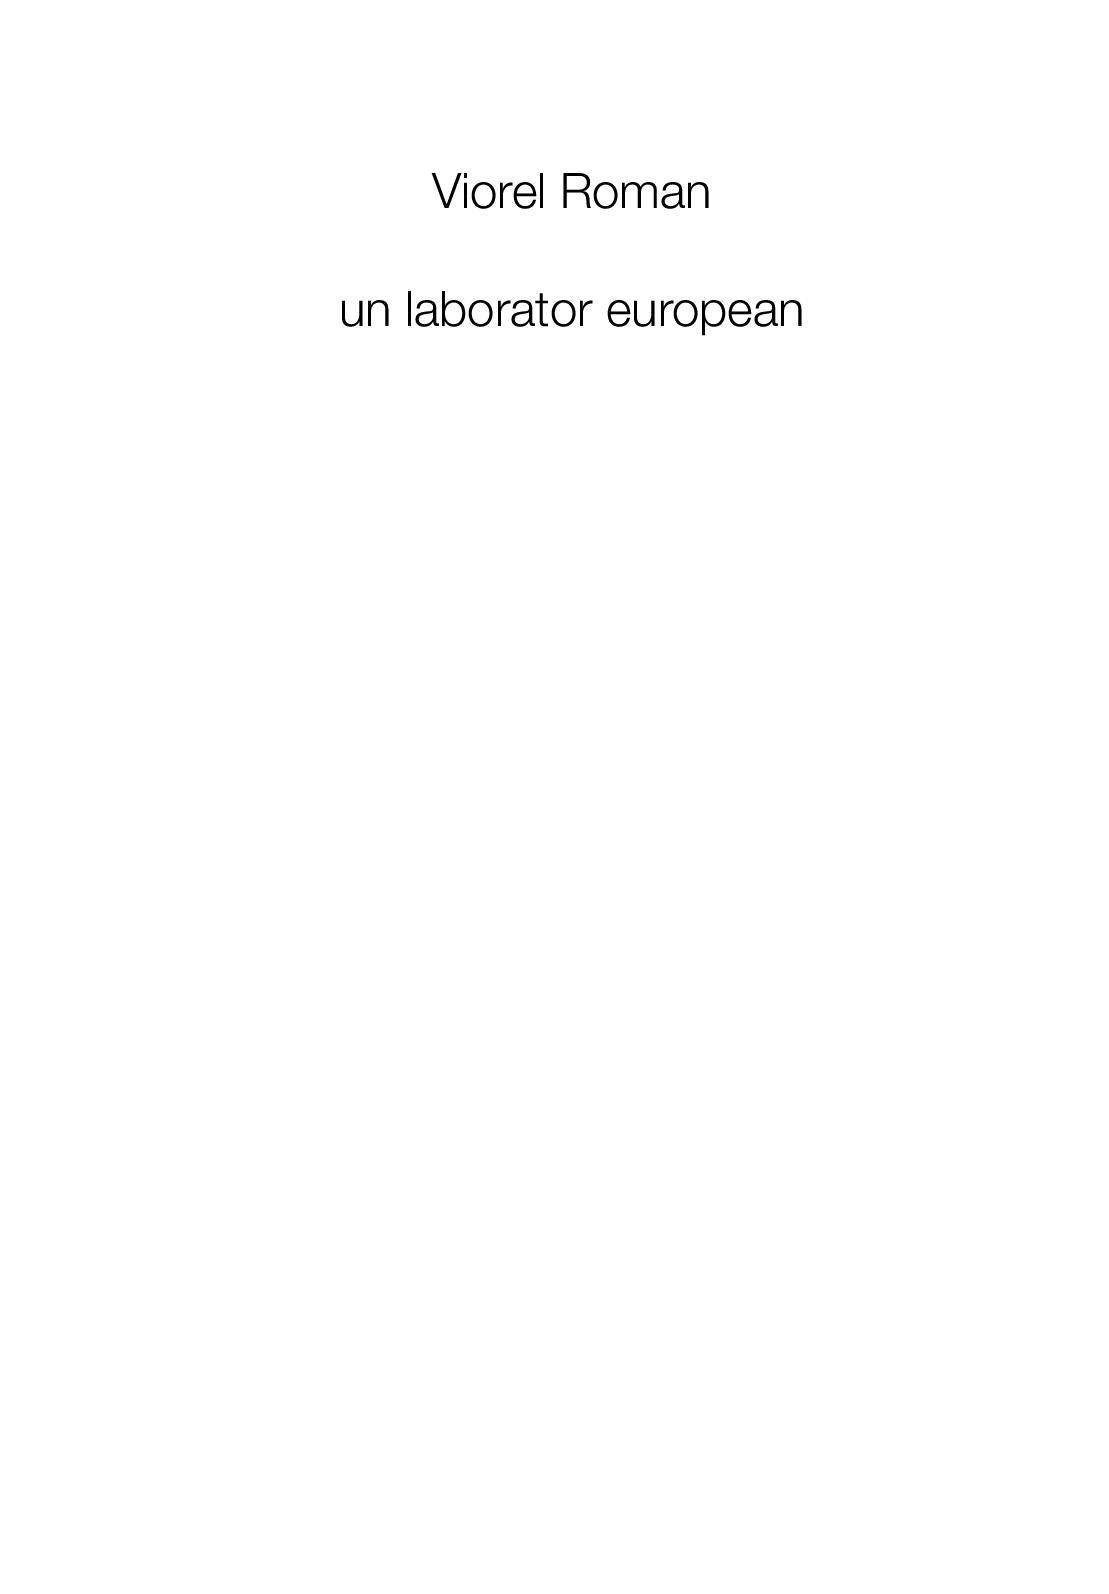 Leu berber - Wikipedia